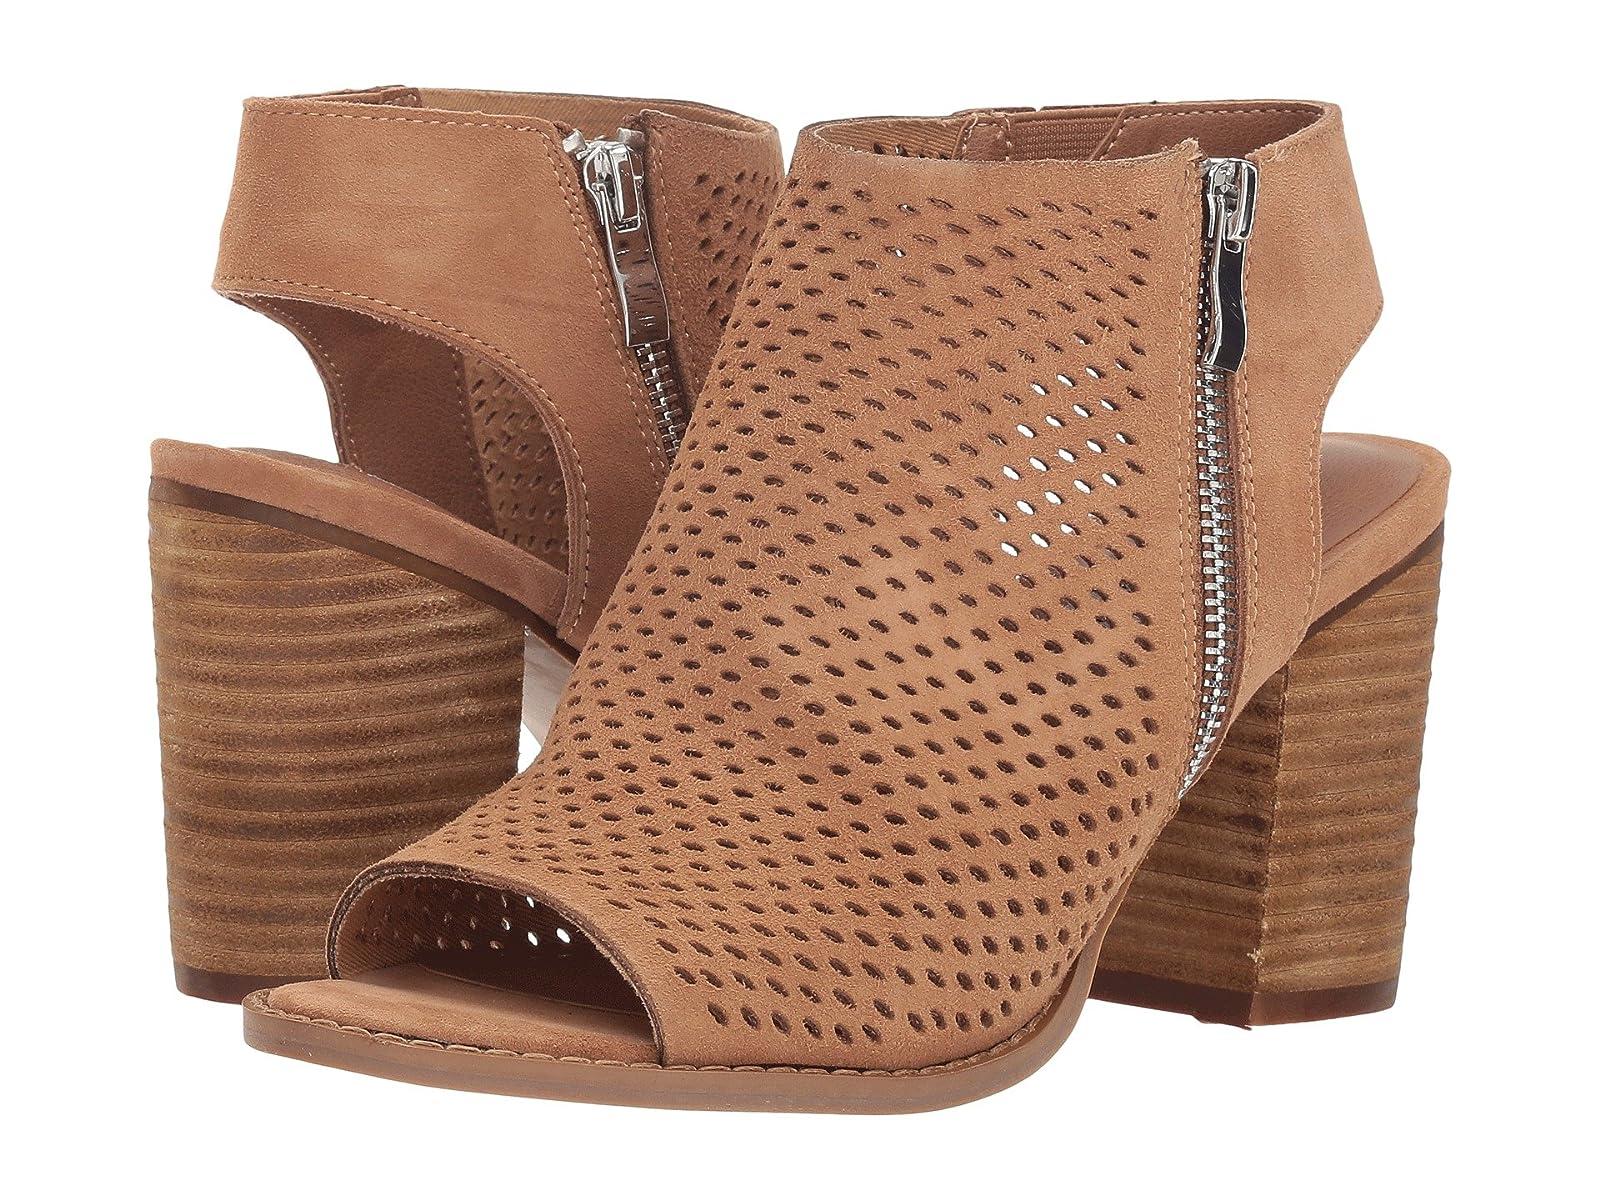 Steve Madden Abigail HeelAtmospheric grades have affordable shoes